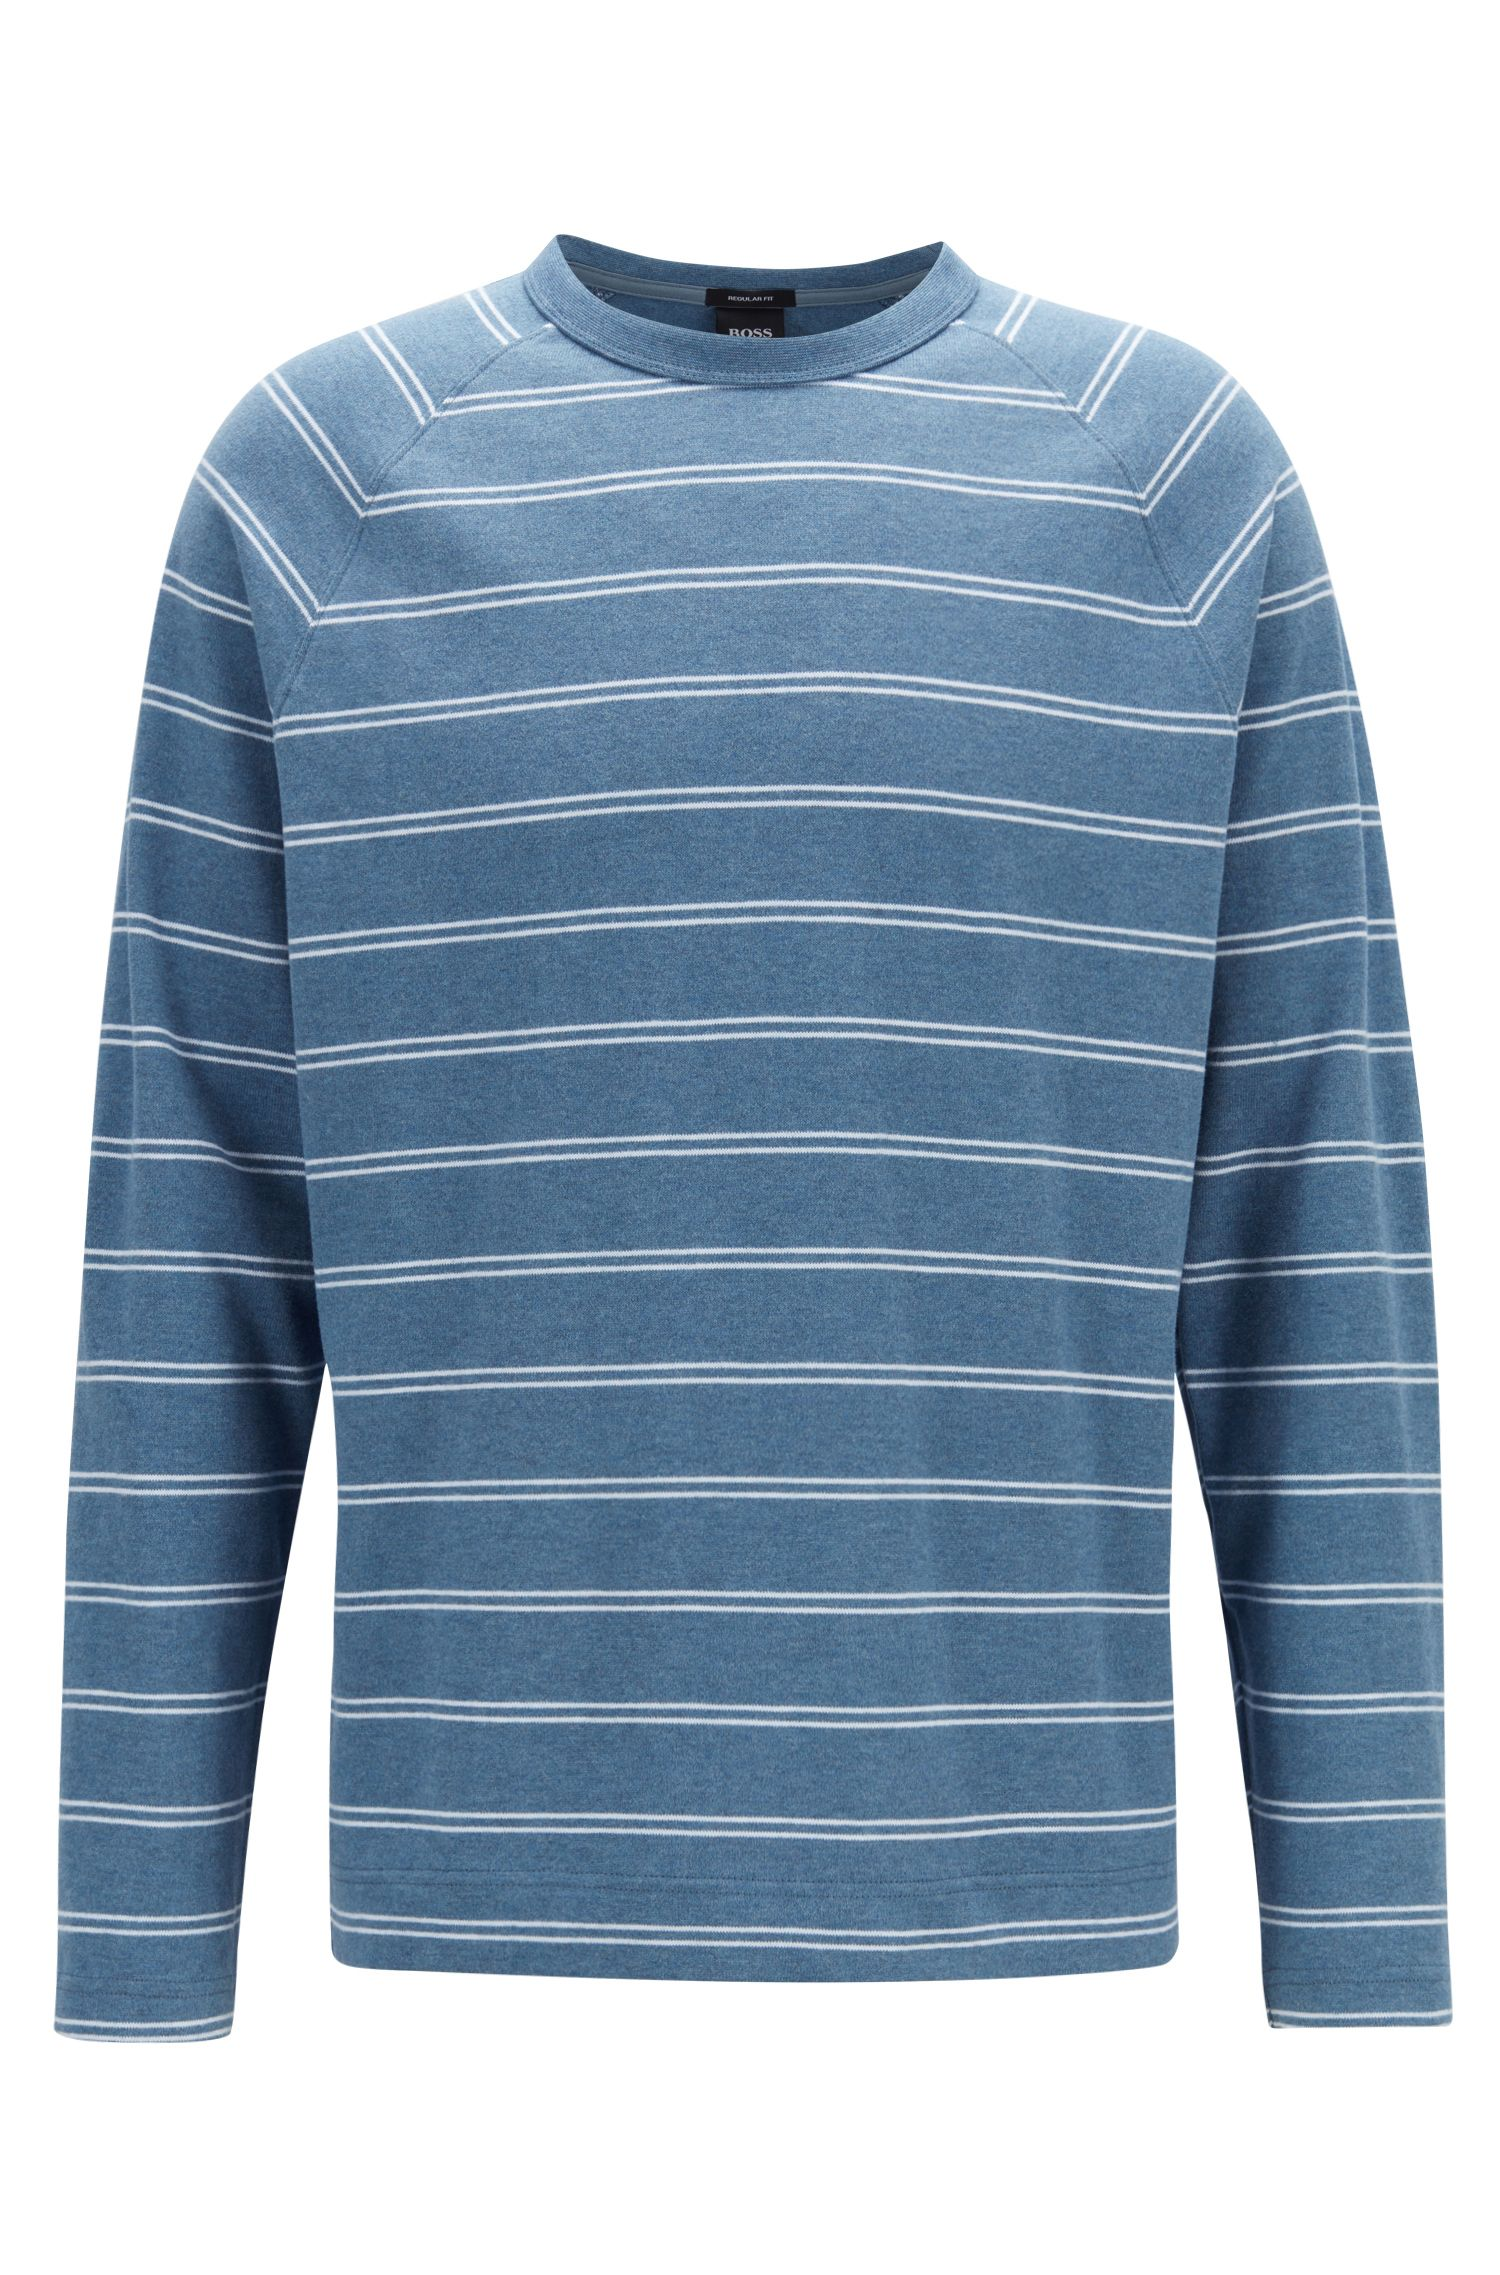 Gestreept T-shirt van geborstelde katoenen single-jersey met lange mouwen, Blauw